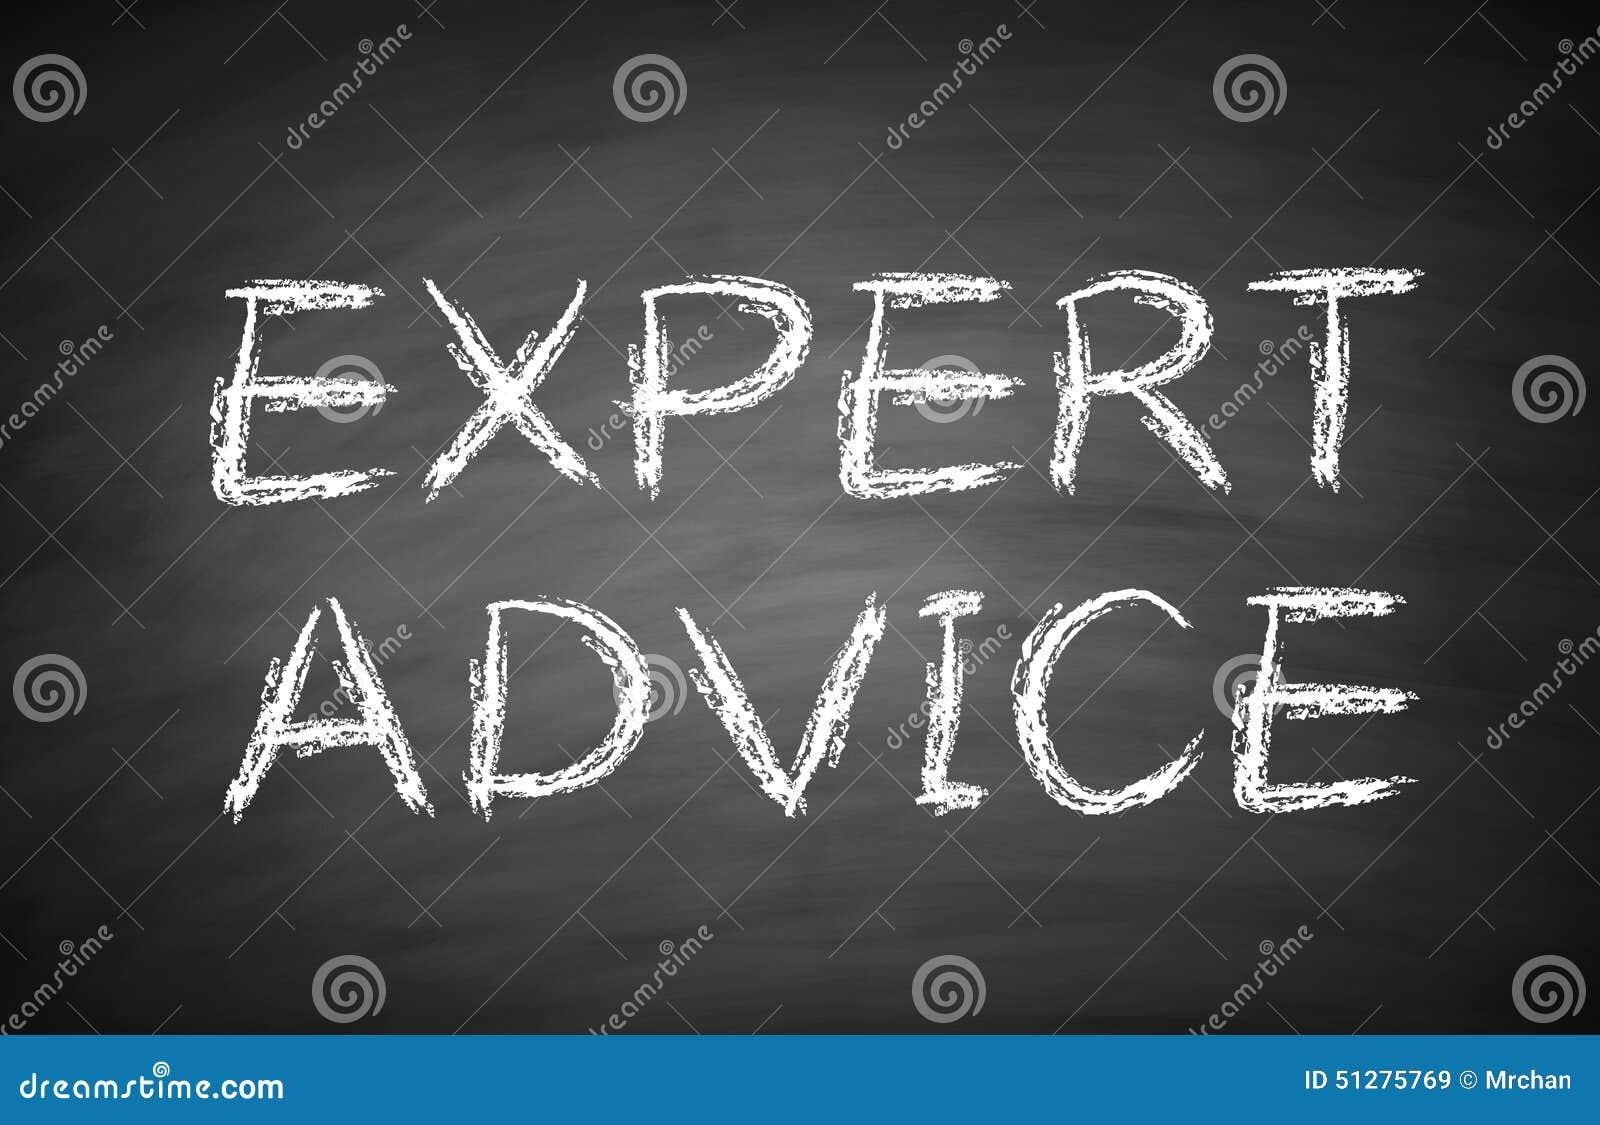 Συμβουλή από ειδήμονες